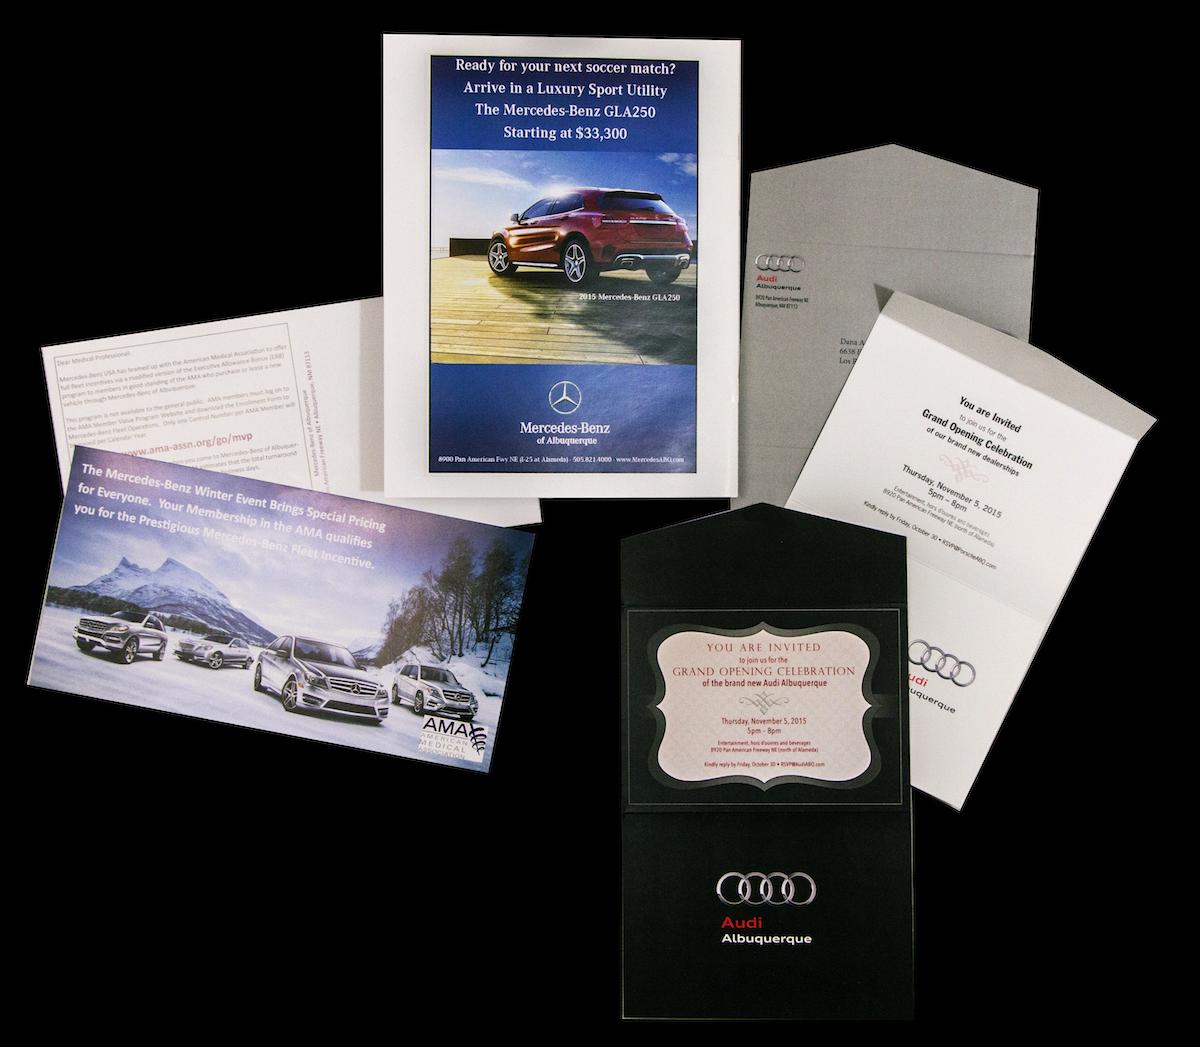 Mercedes Audi Invites Image